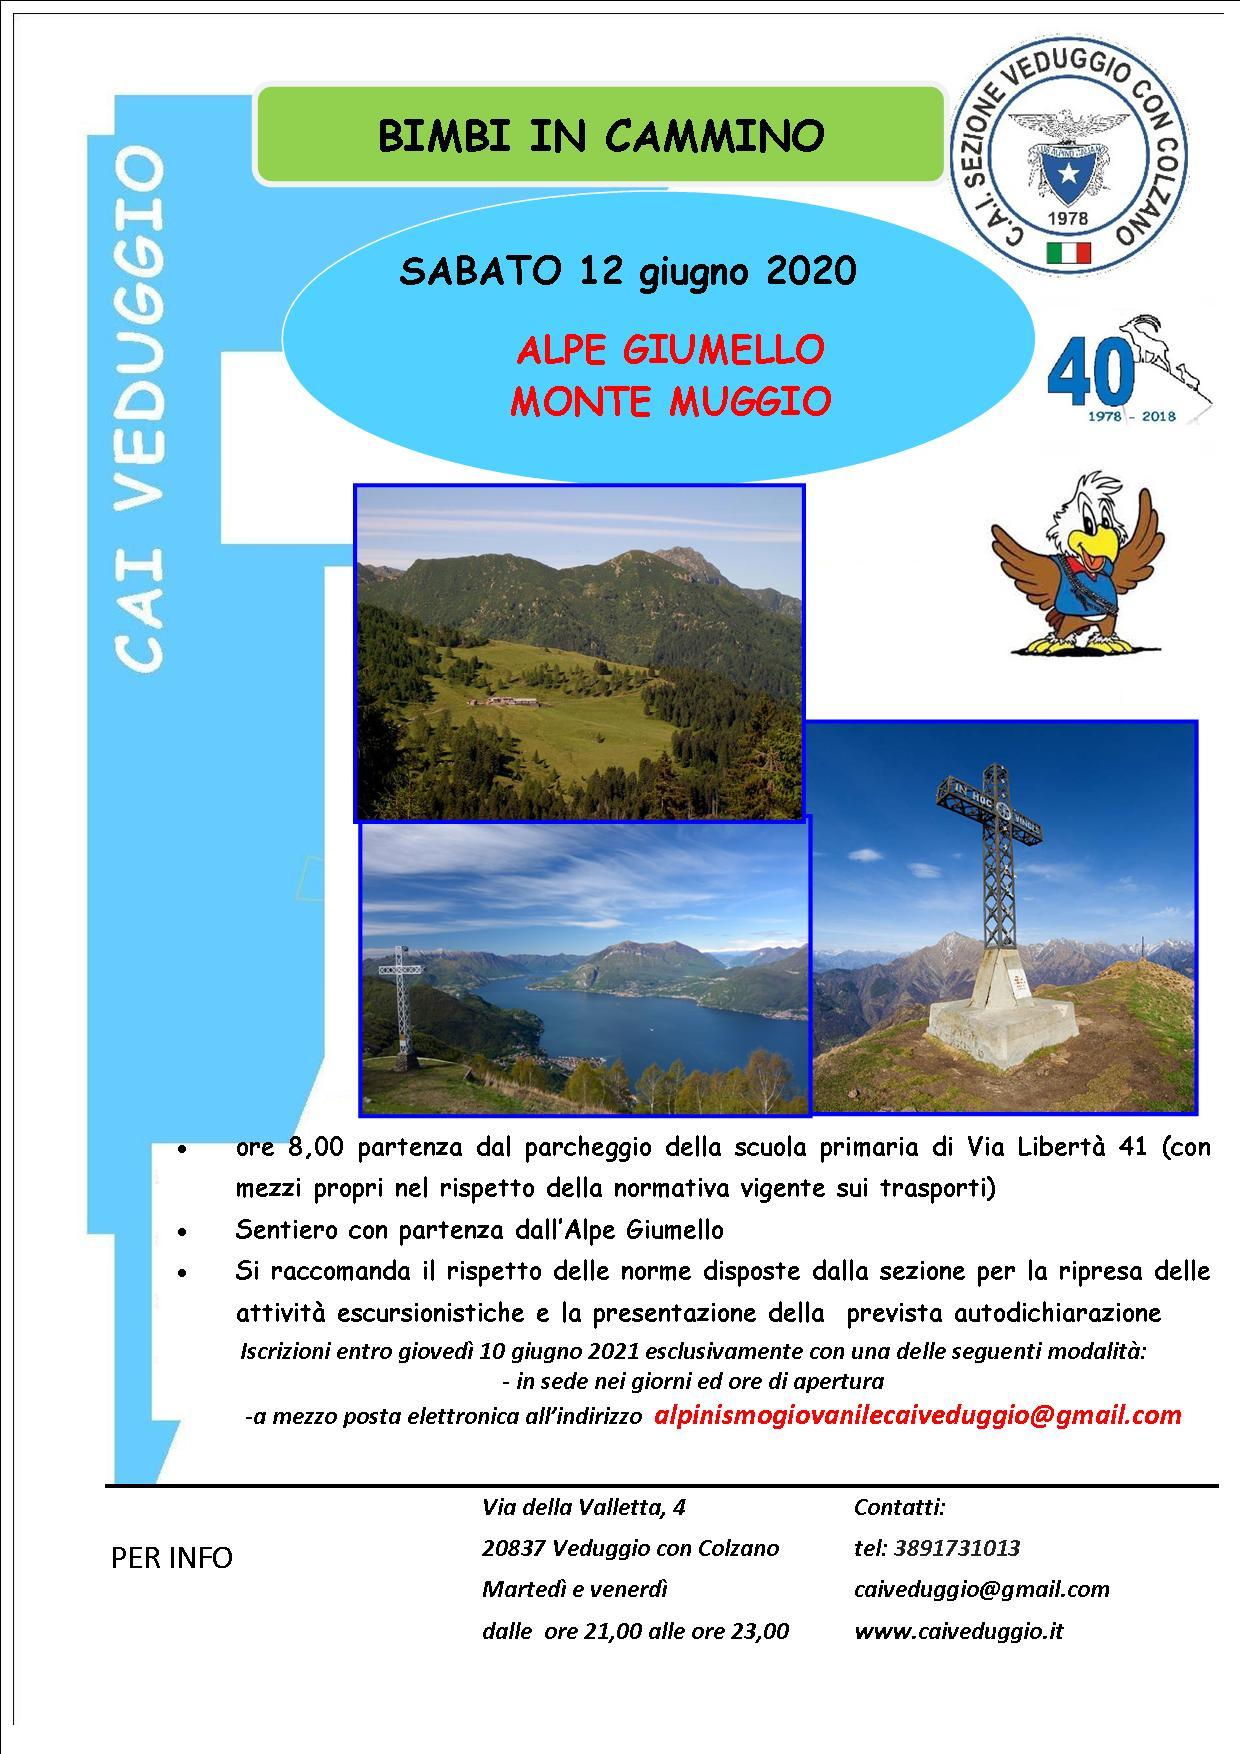 Sabato 12 giugno 2021 – Alpe Giumello/Monte Muggio – Bimbi in cammino